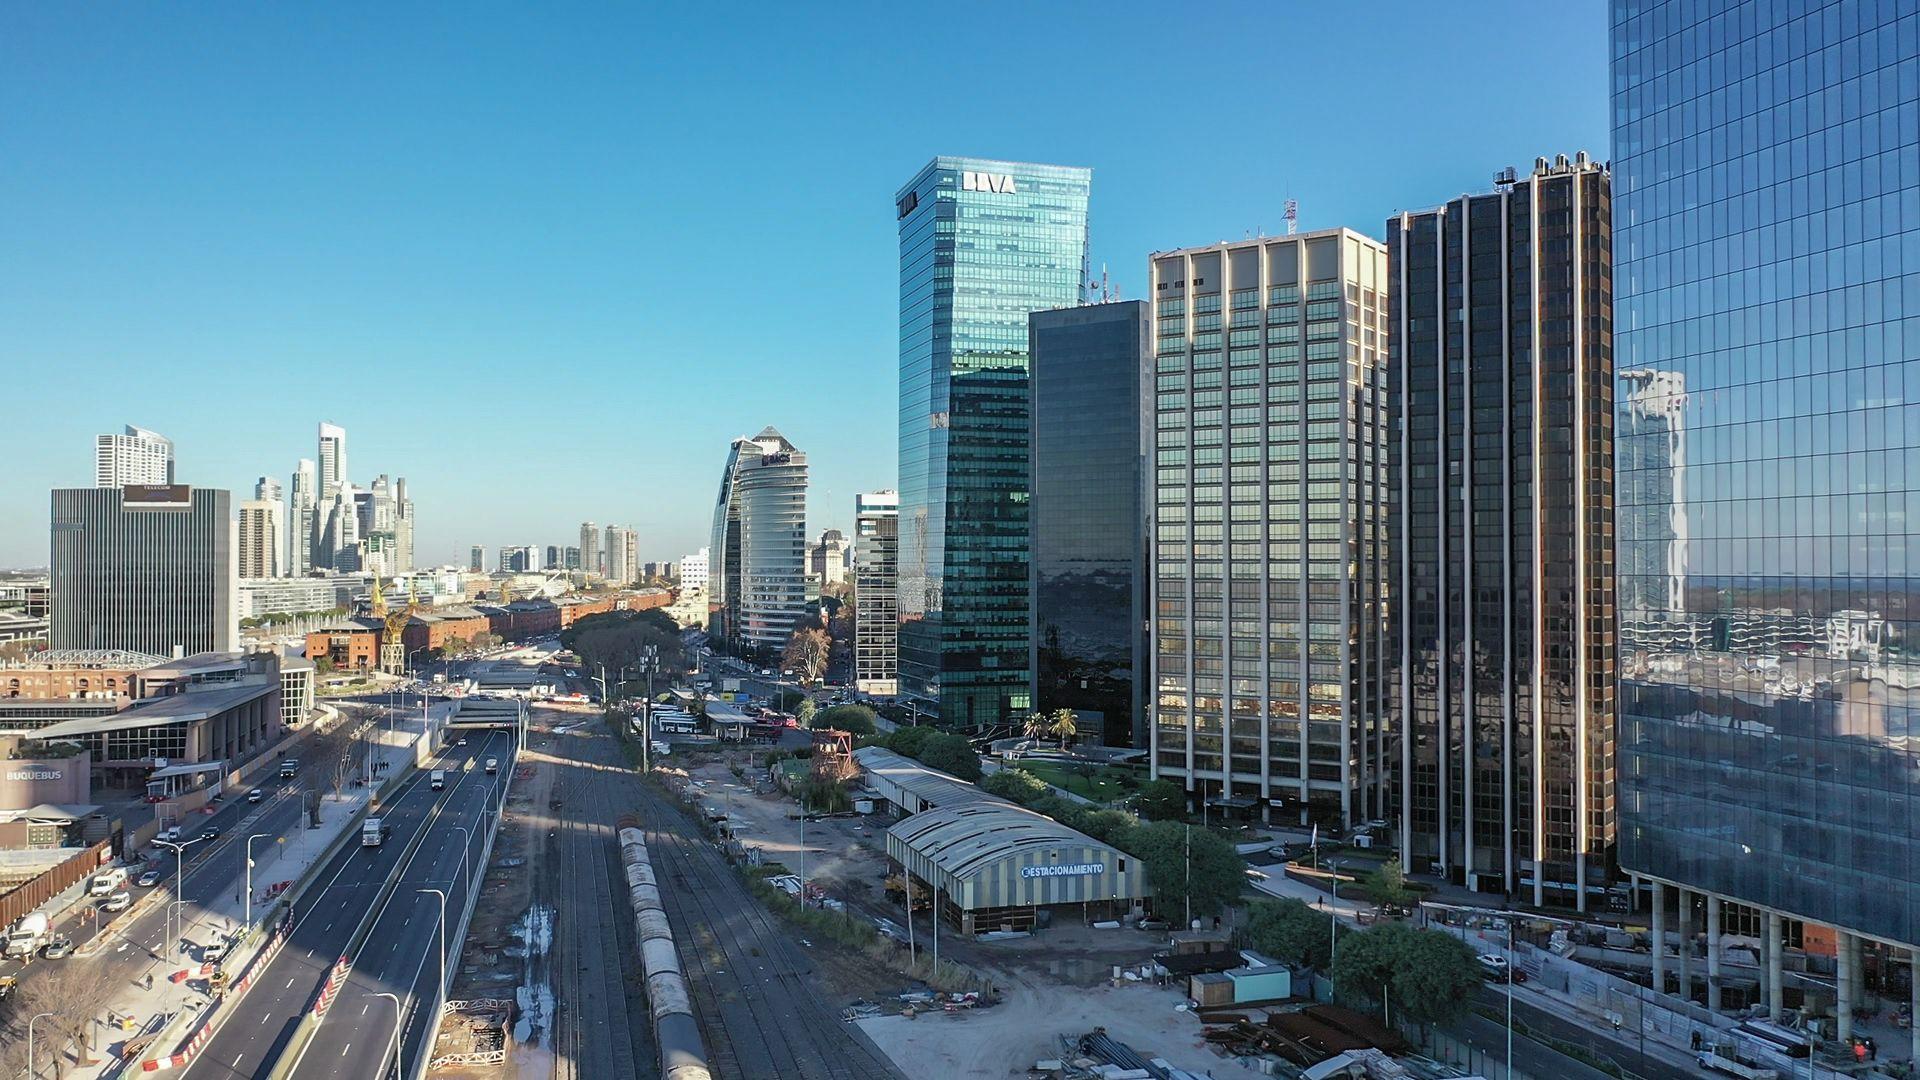 El acuerdo de varias operaciones de alquileres y algunas ventas de oficinas Premium marcaron cierto optimismo por lo que viene en el segmento corporativo del Real Estate argentino